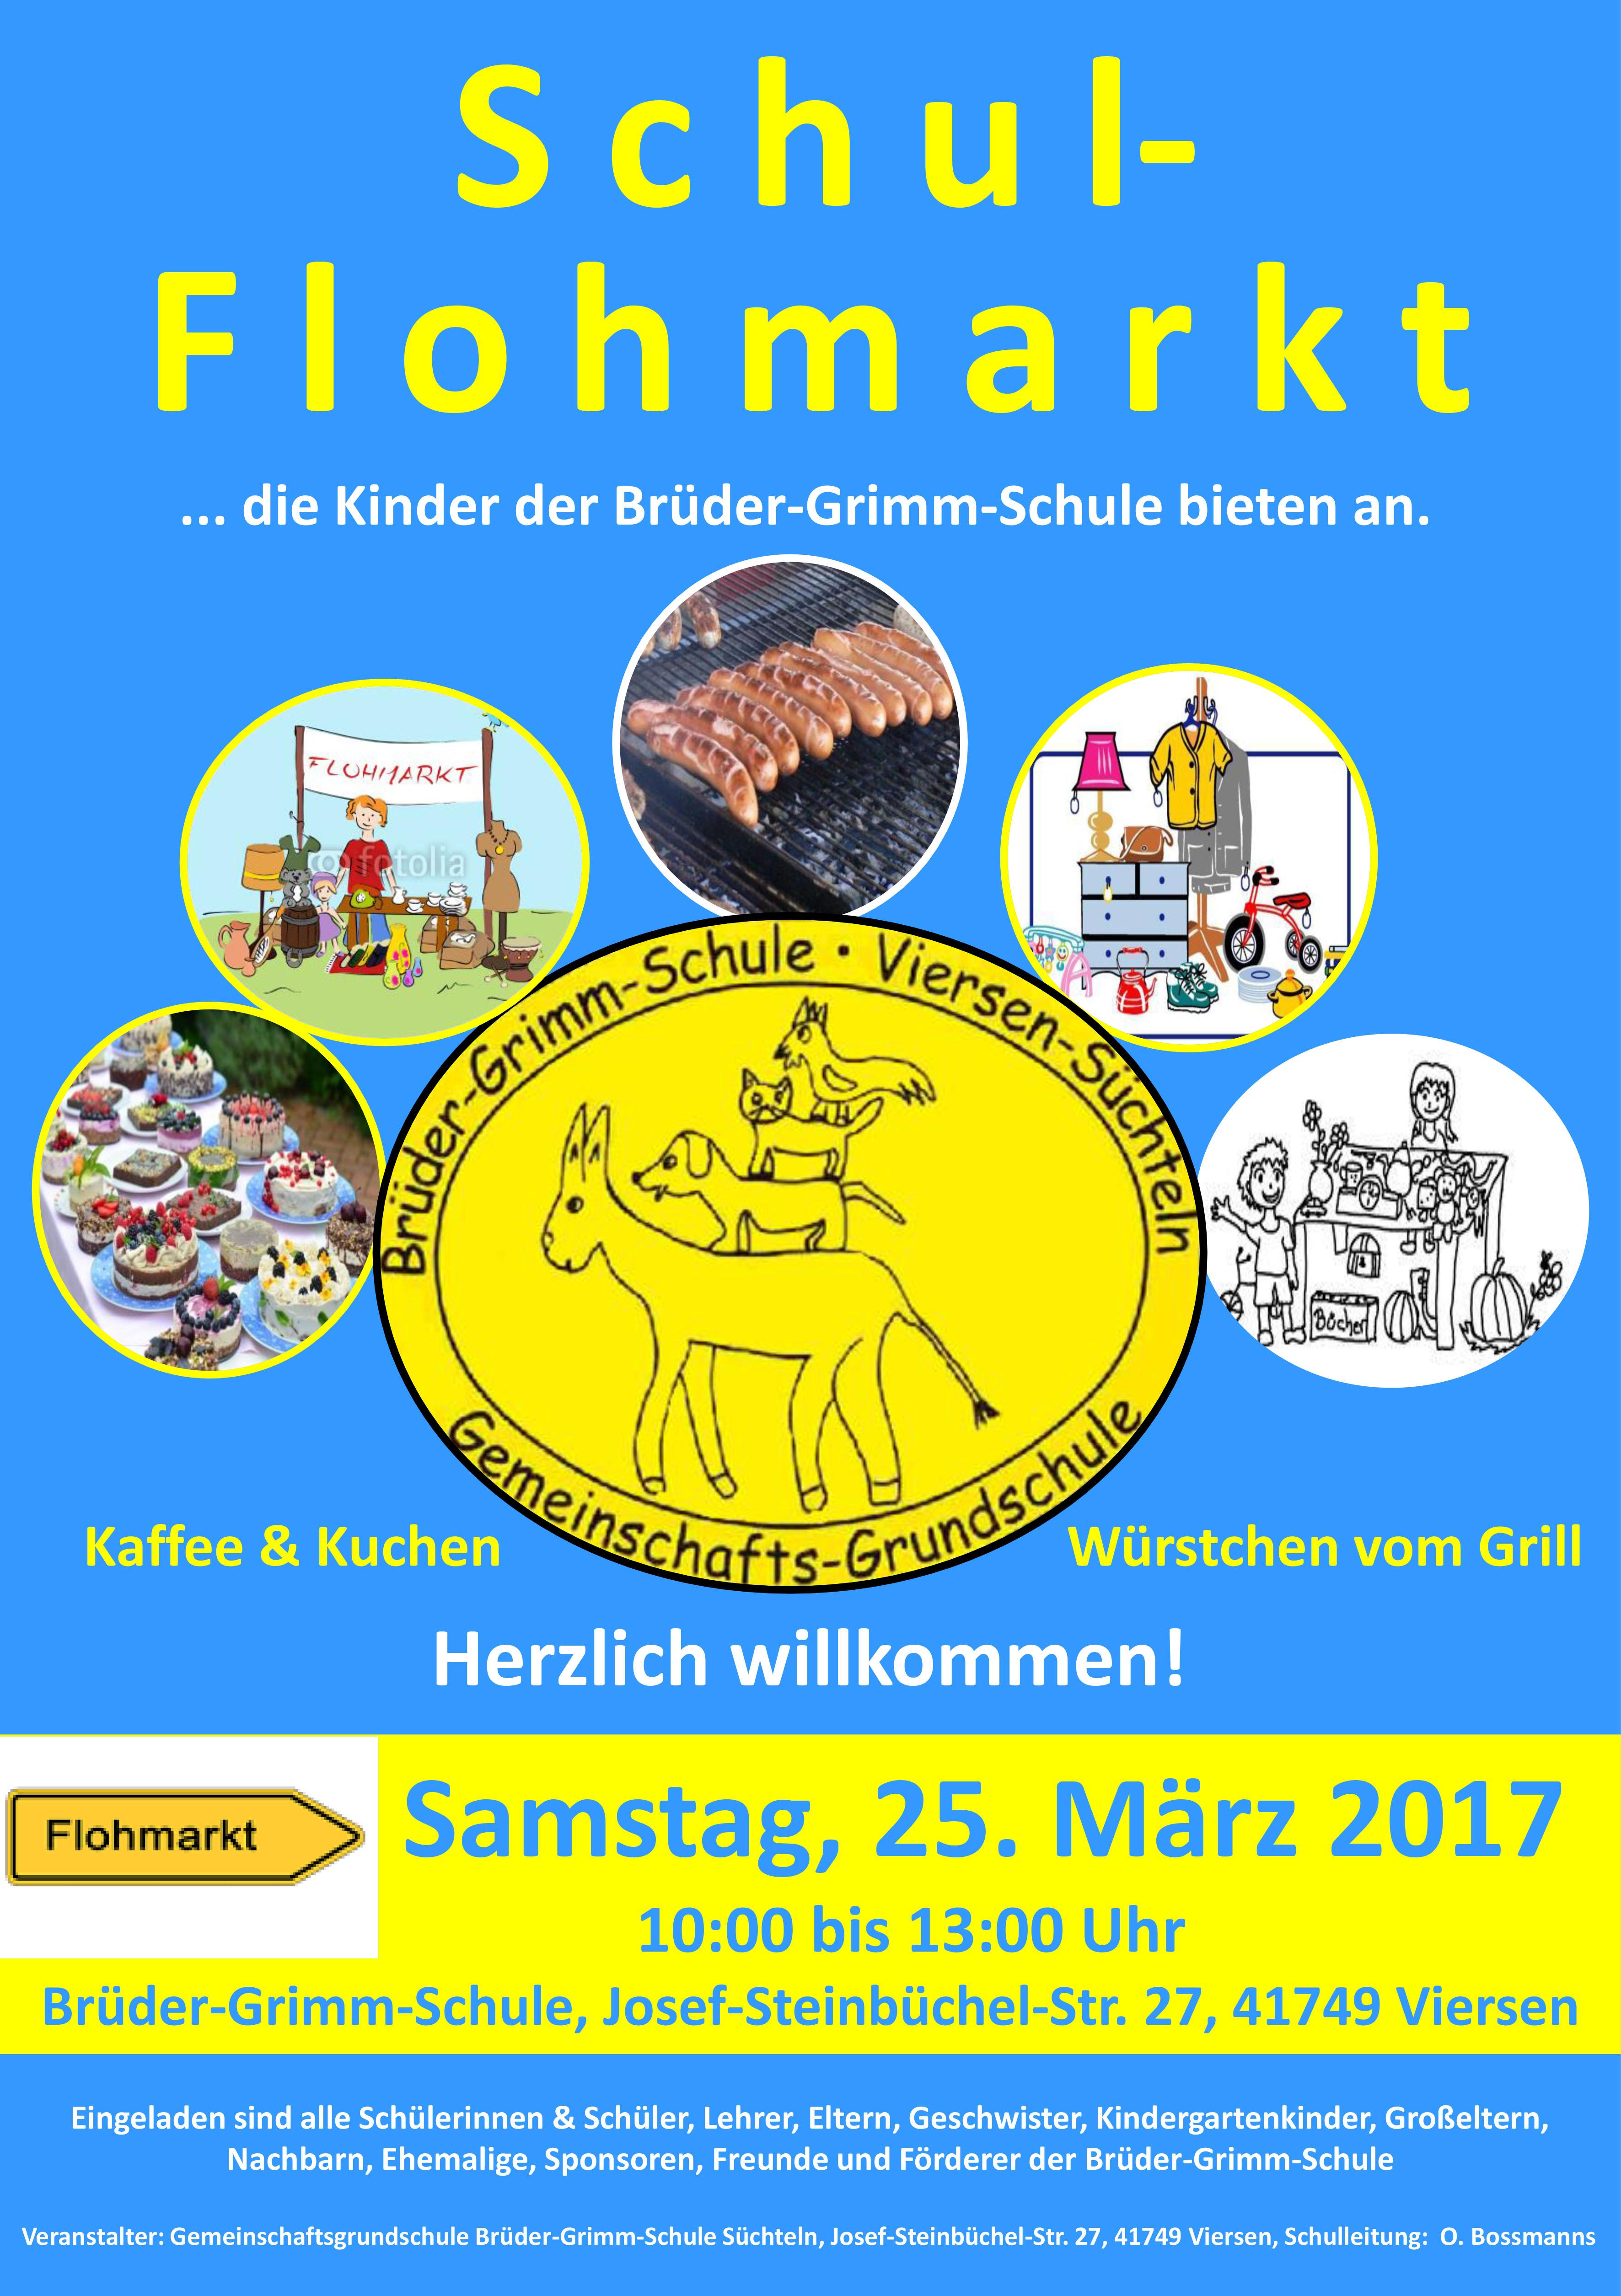 Flohmarkt Plakat Flyer